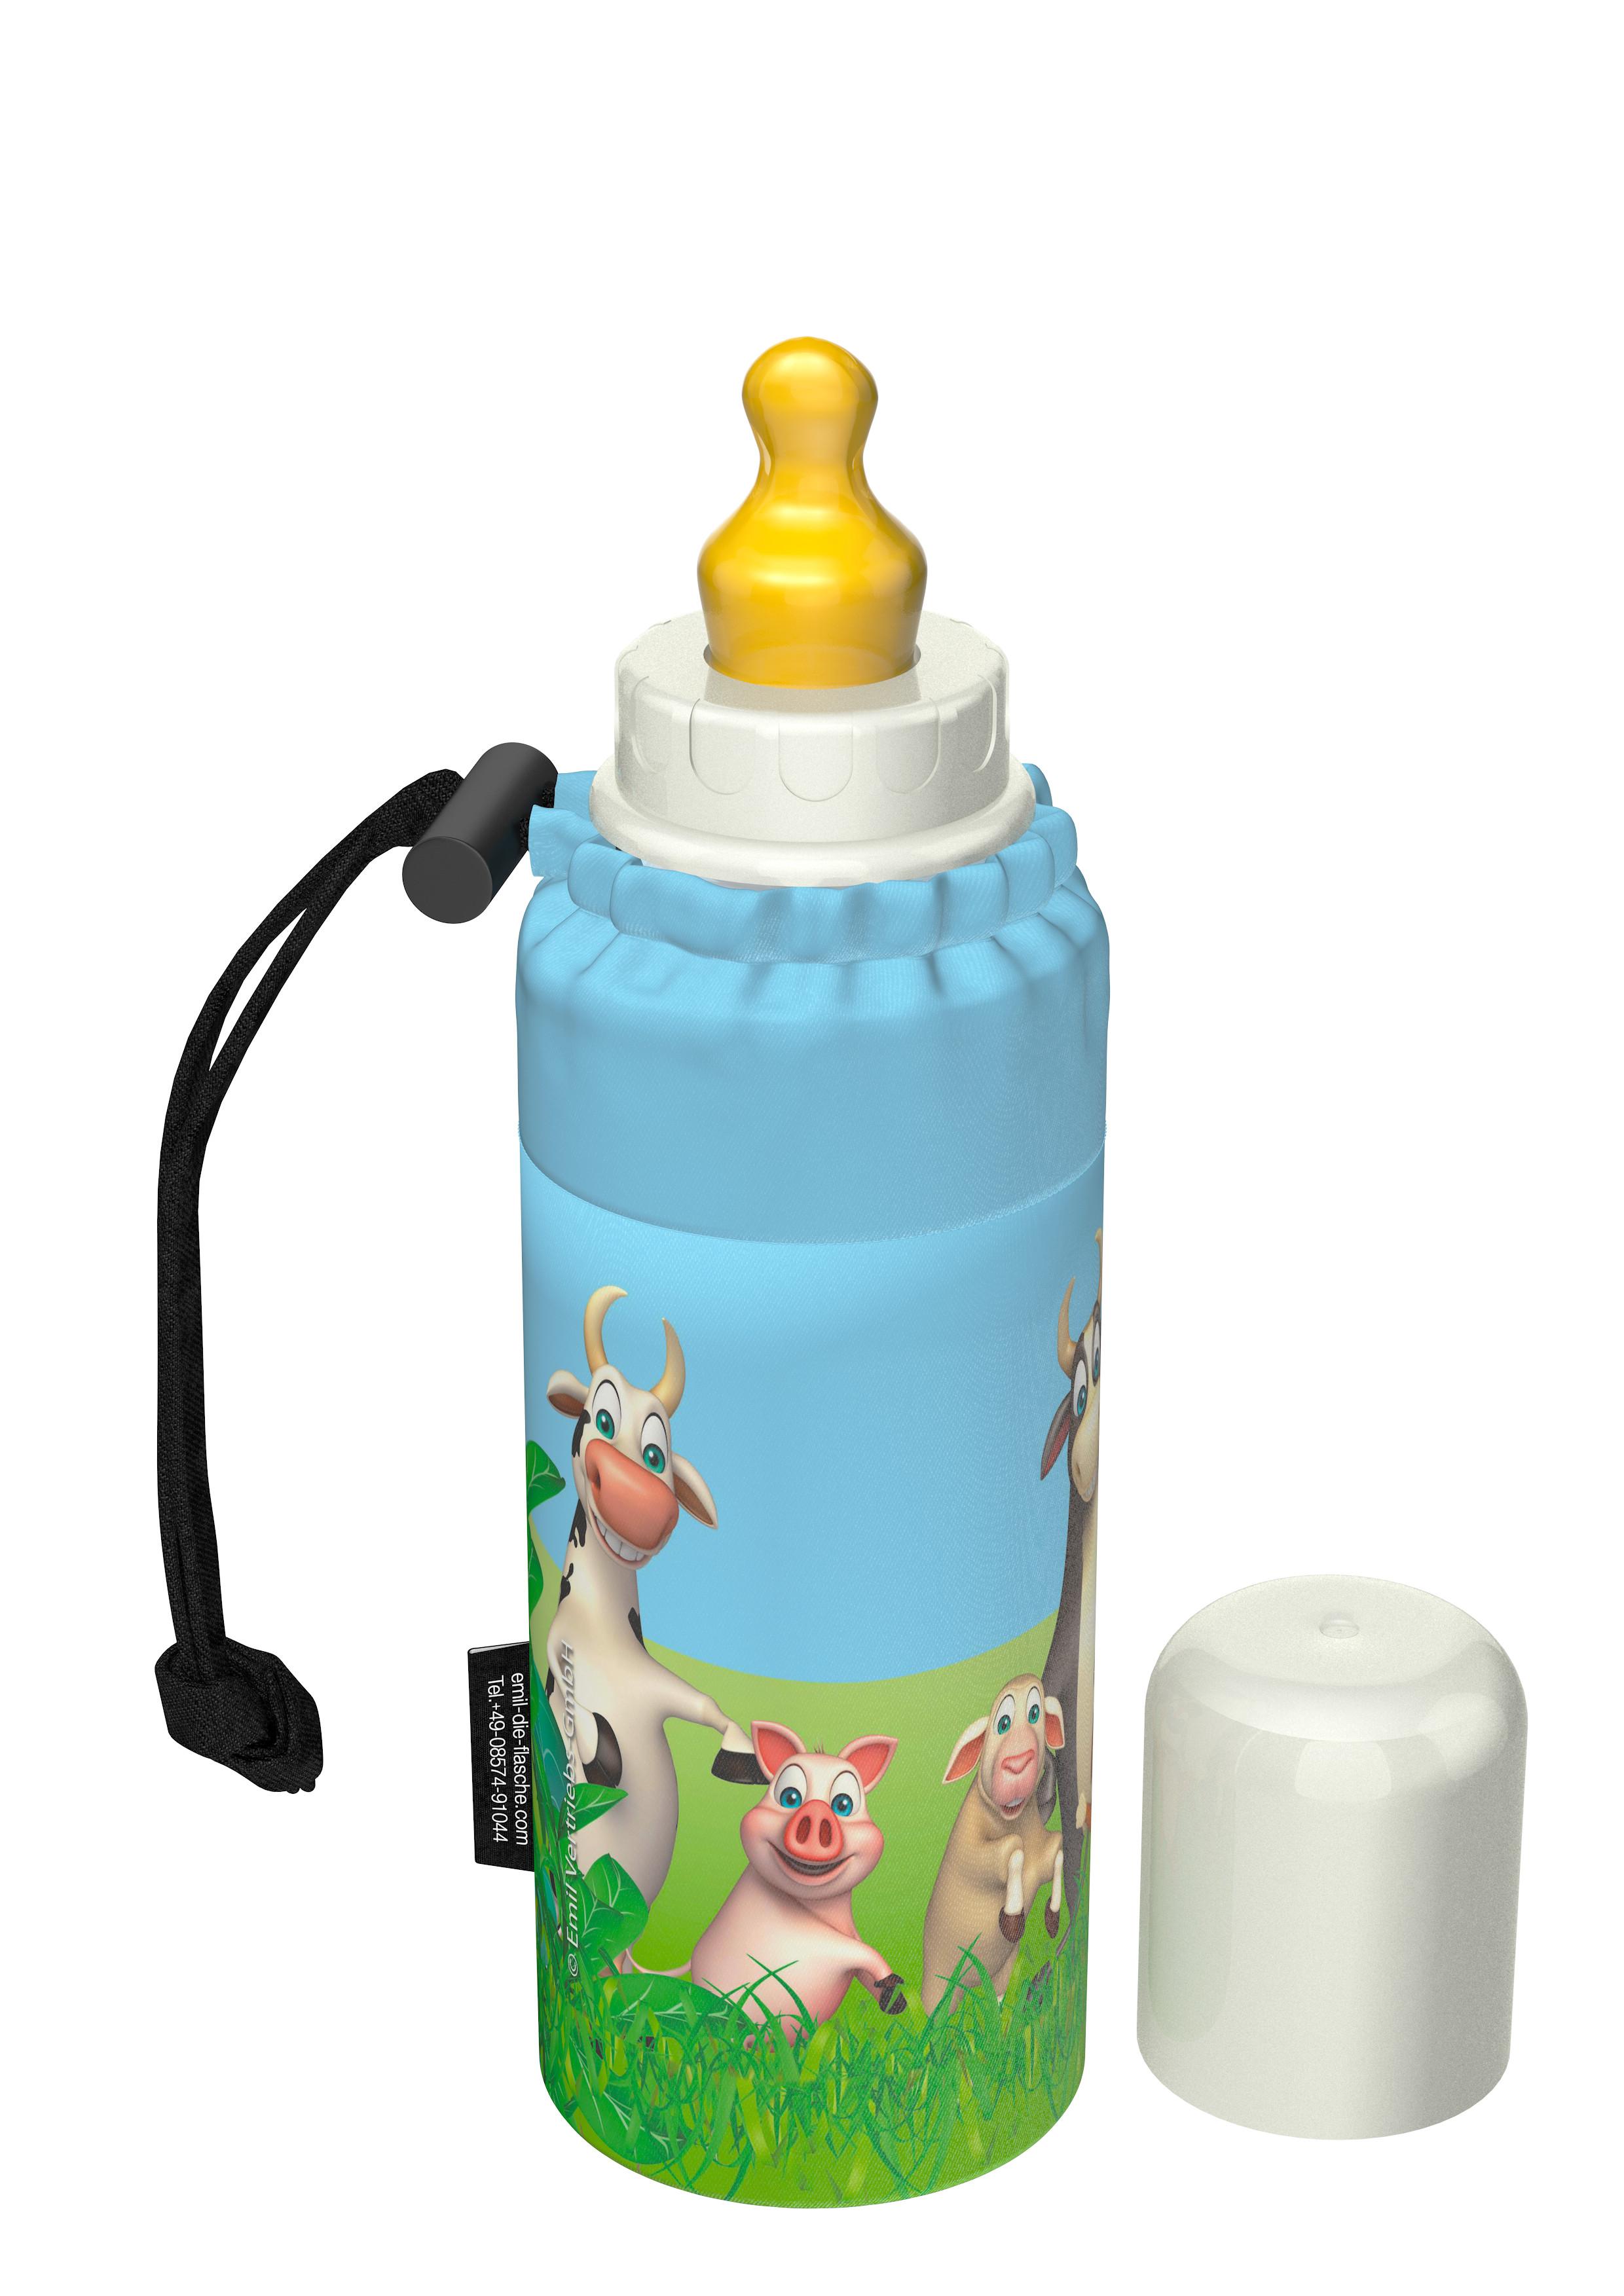 emil die flasche zum anziehen trinkflasche baby emil farm die flasche zum anziehen. Black Bedroom Furniture Sets. Home Design Ideas